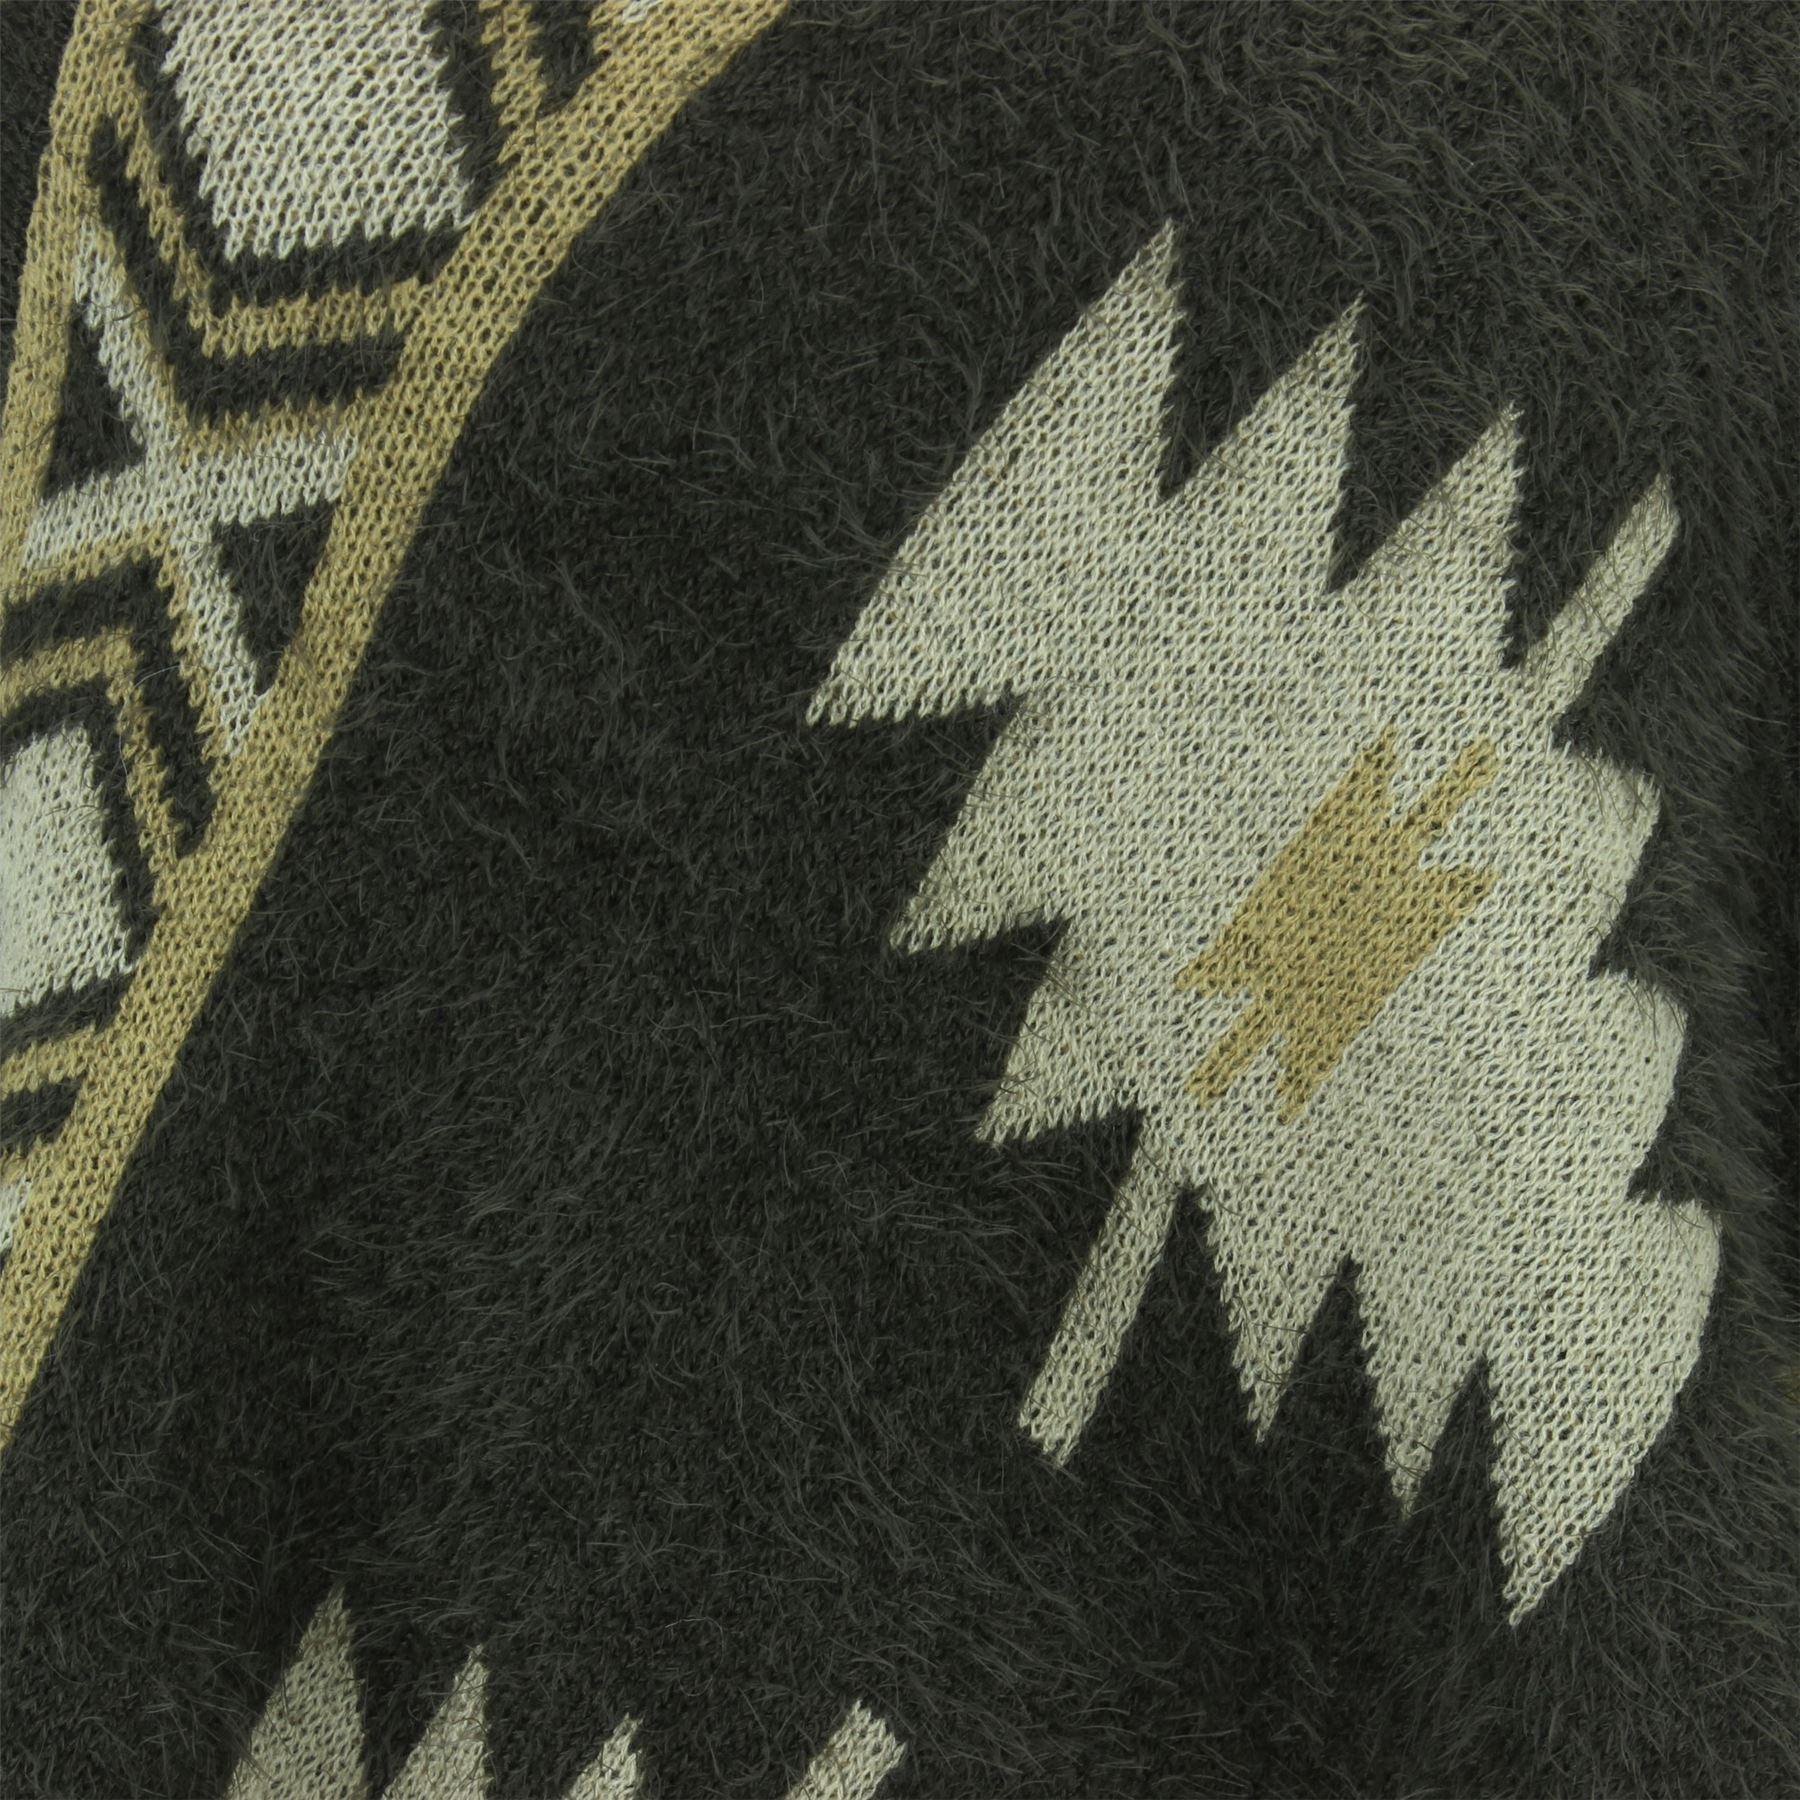 Poncho Mantello Azteco Lavorato a Maglia Scialle Wrap Boho Boemia invernale donna